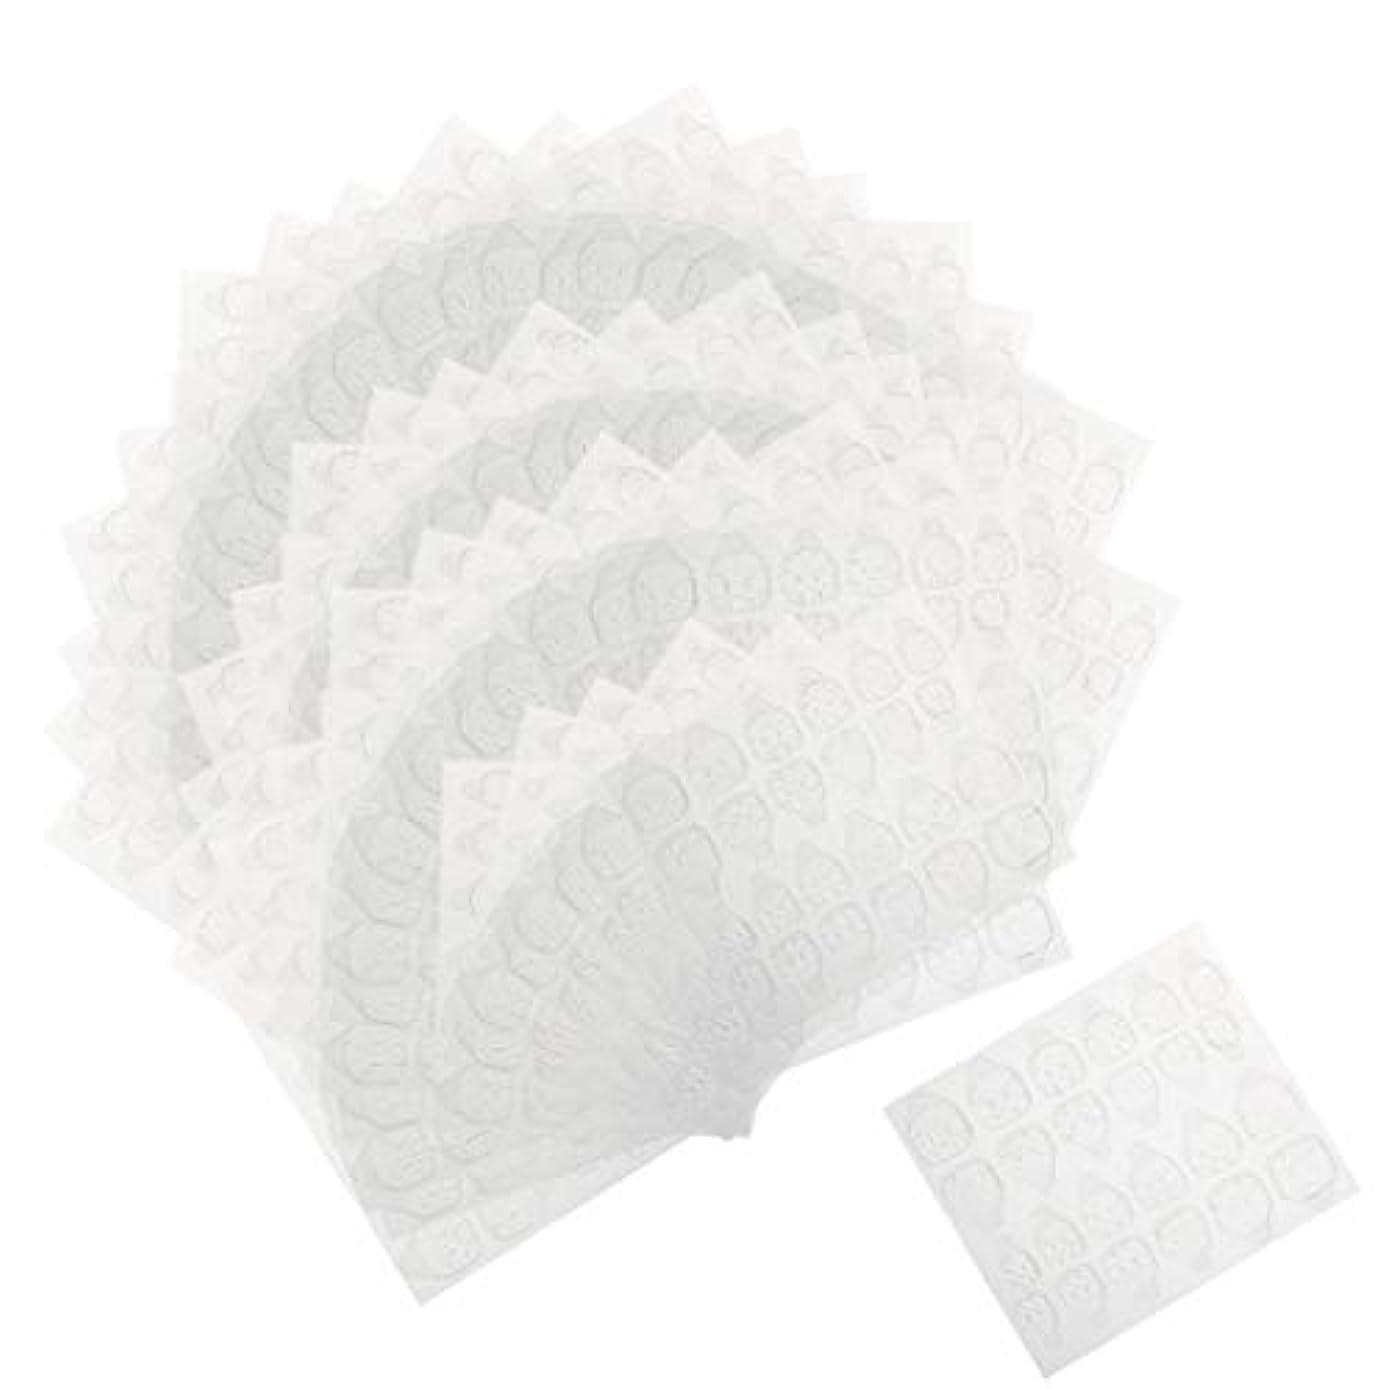 イルそれぞれやりがいのあるPerfeclan ネイルタブ ネイル接着剤ステッカー マニキュアタブ 両面接着 透明 両面テープ 約240ピースセット